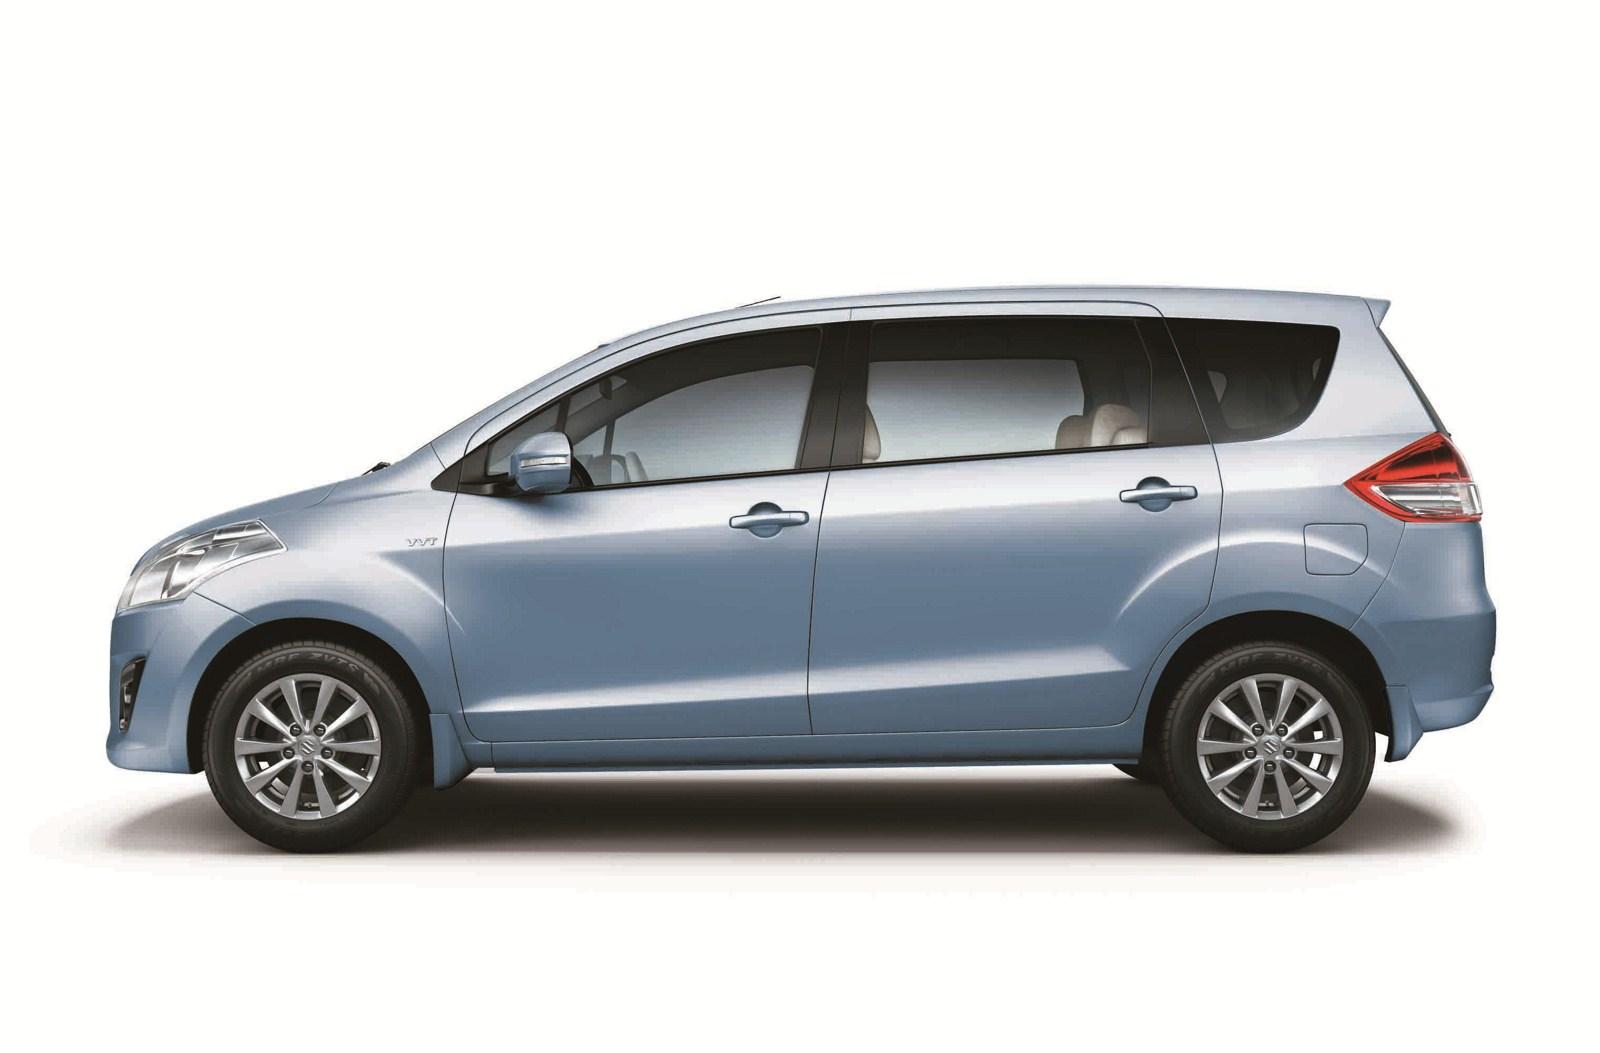 maruti ertiga review and price car price car review